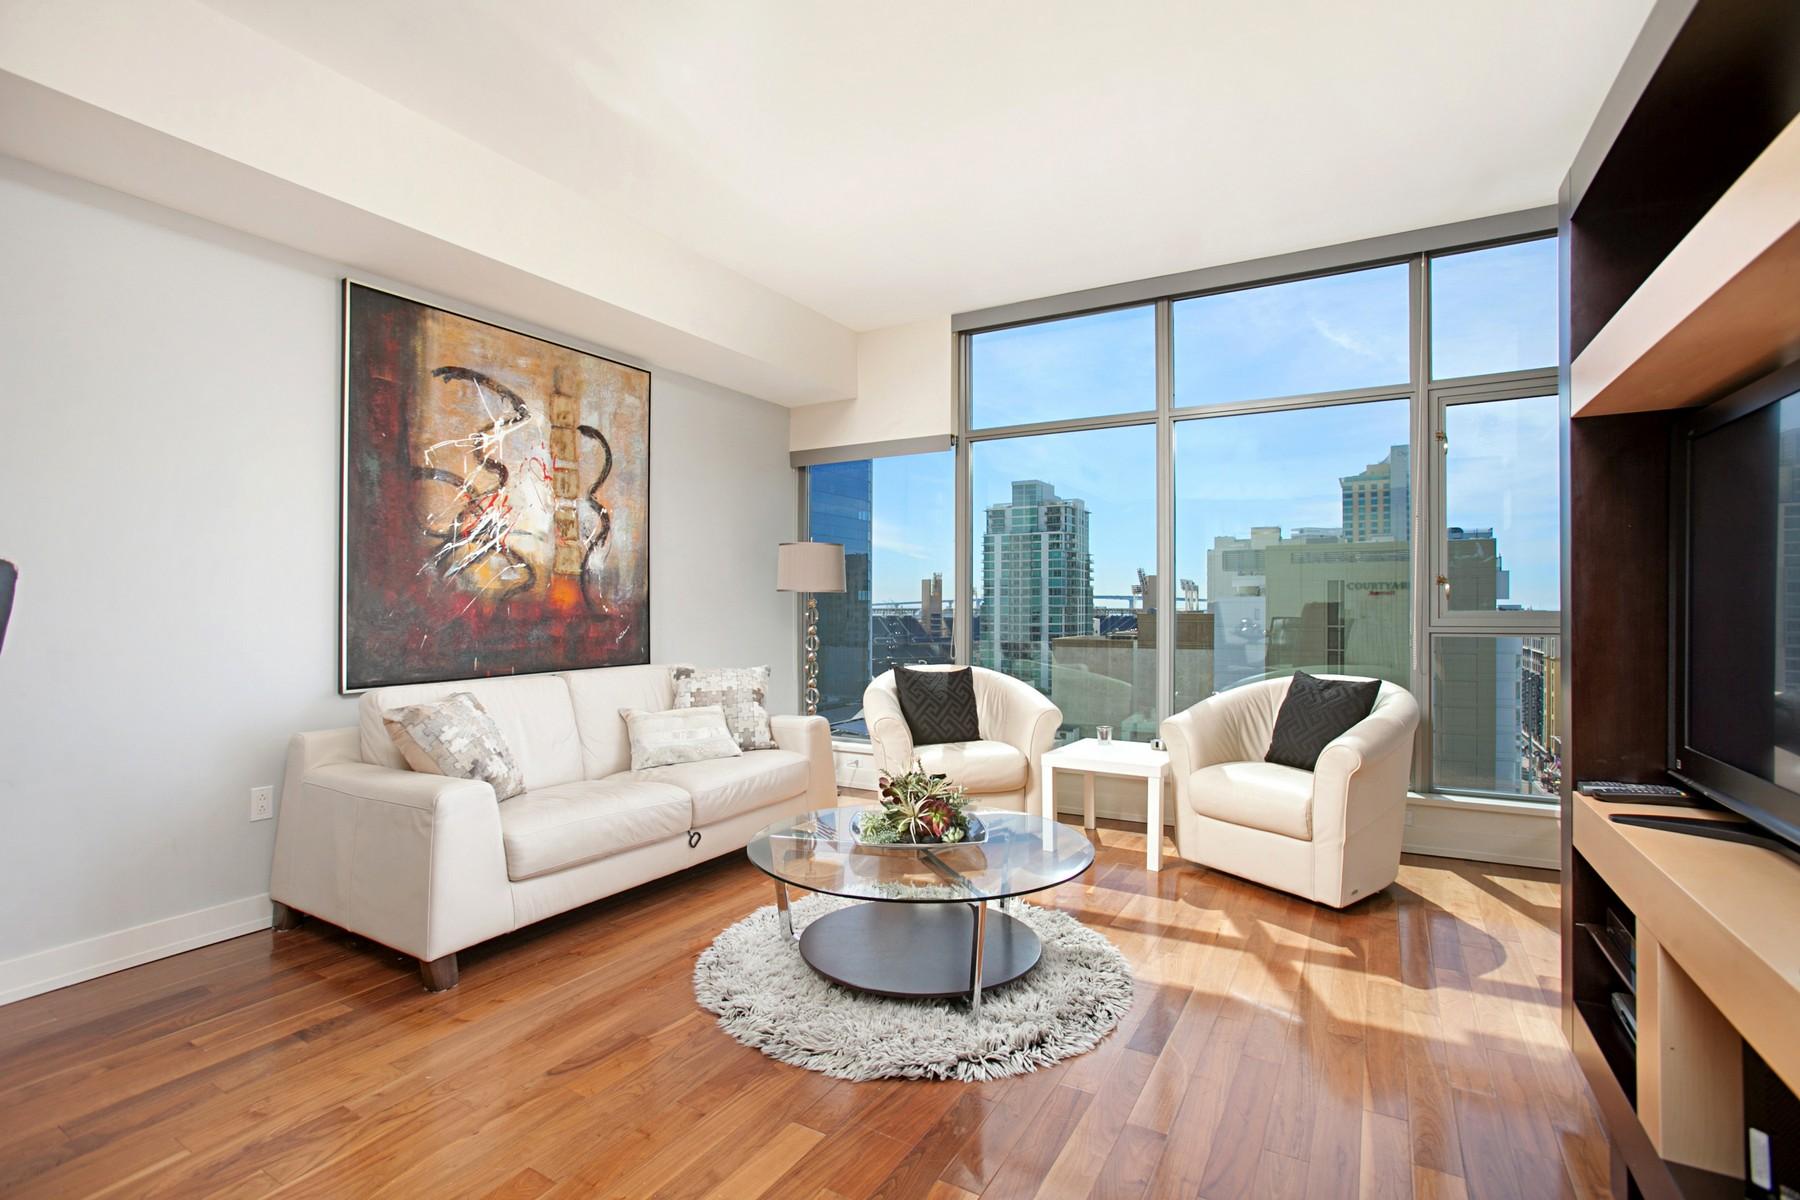 共管式独立产权公寓 为 销售 在 575 6th Avenue,1108 575 6th Avenue 1108 Downtown San Diego, 圣地亚哥, 加利福尼亚州, 92101 美国